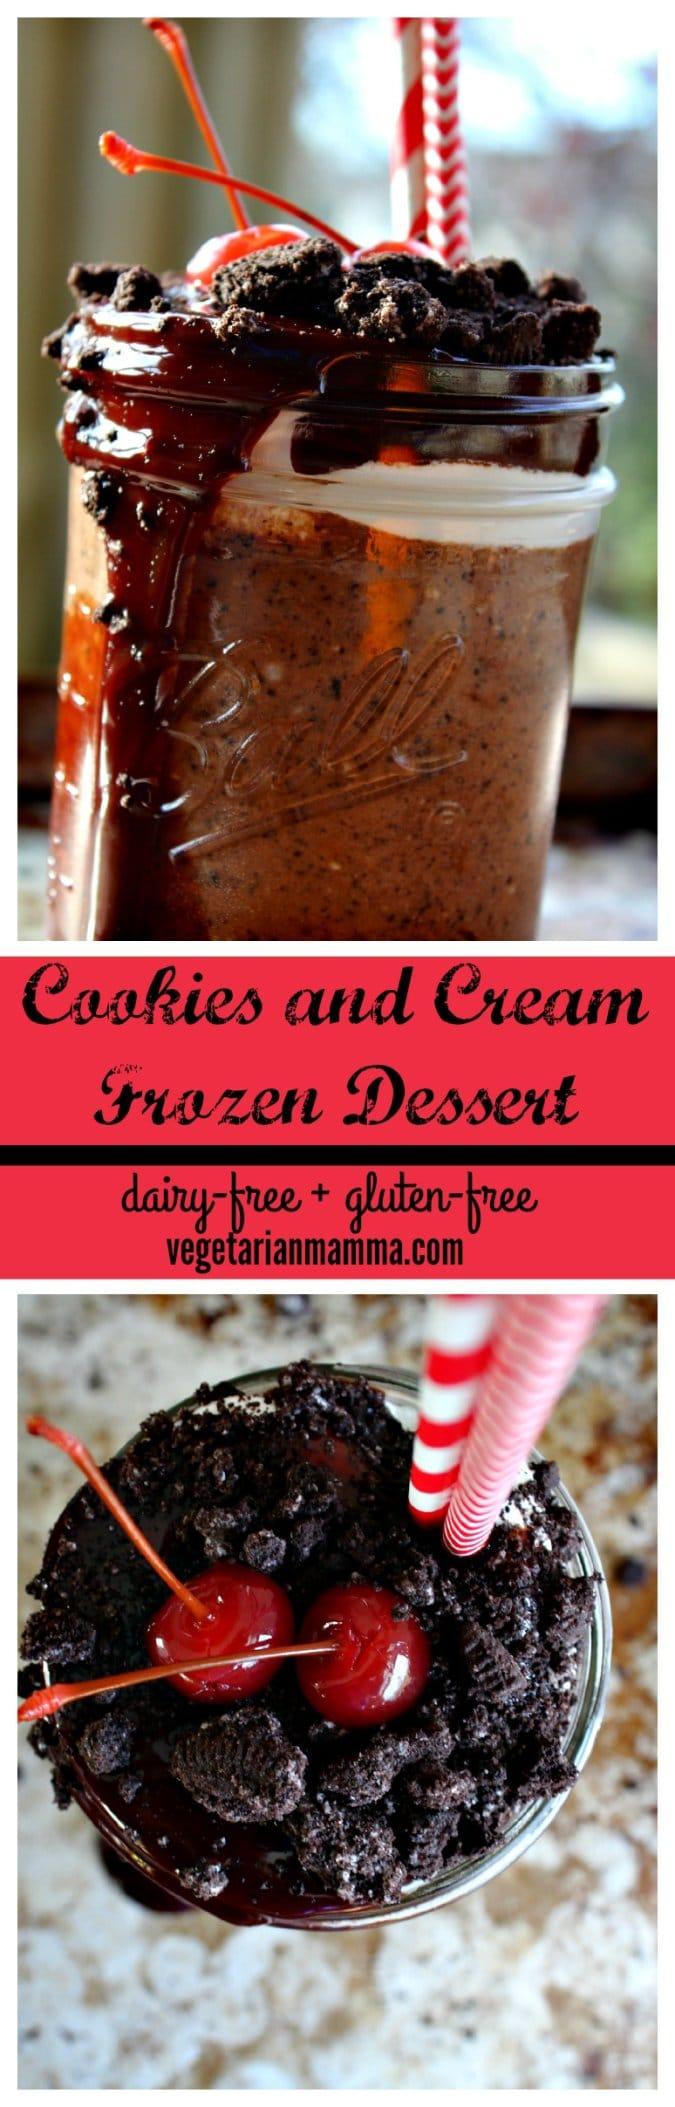 Cookies and Cream Frozen Dessert @vegetarianmamma.com #glutenfree #dairyfree #shake #dessert